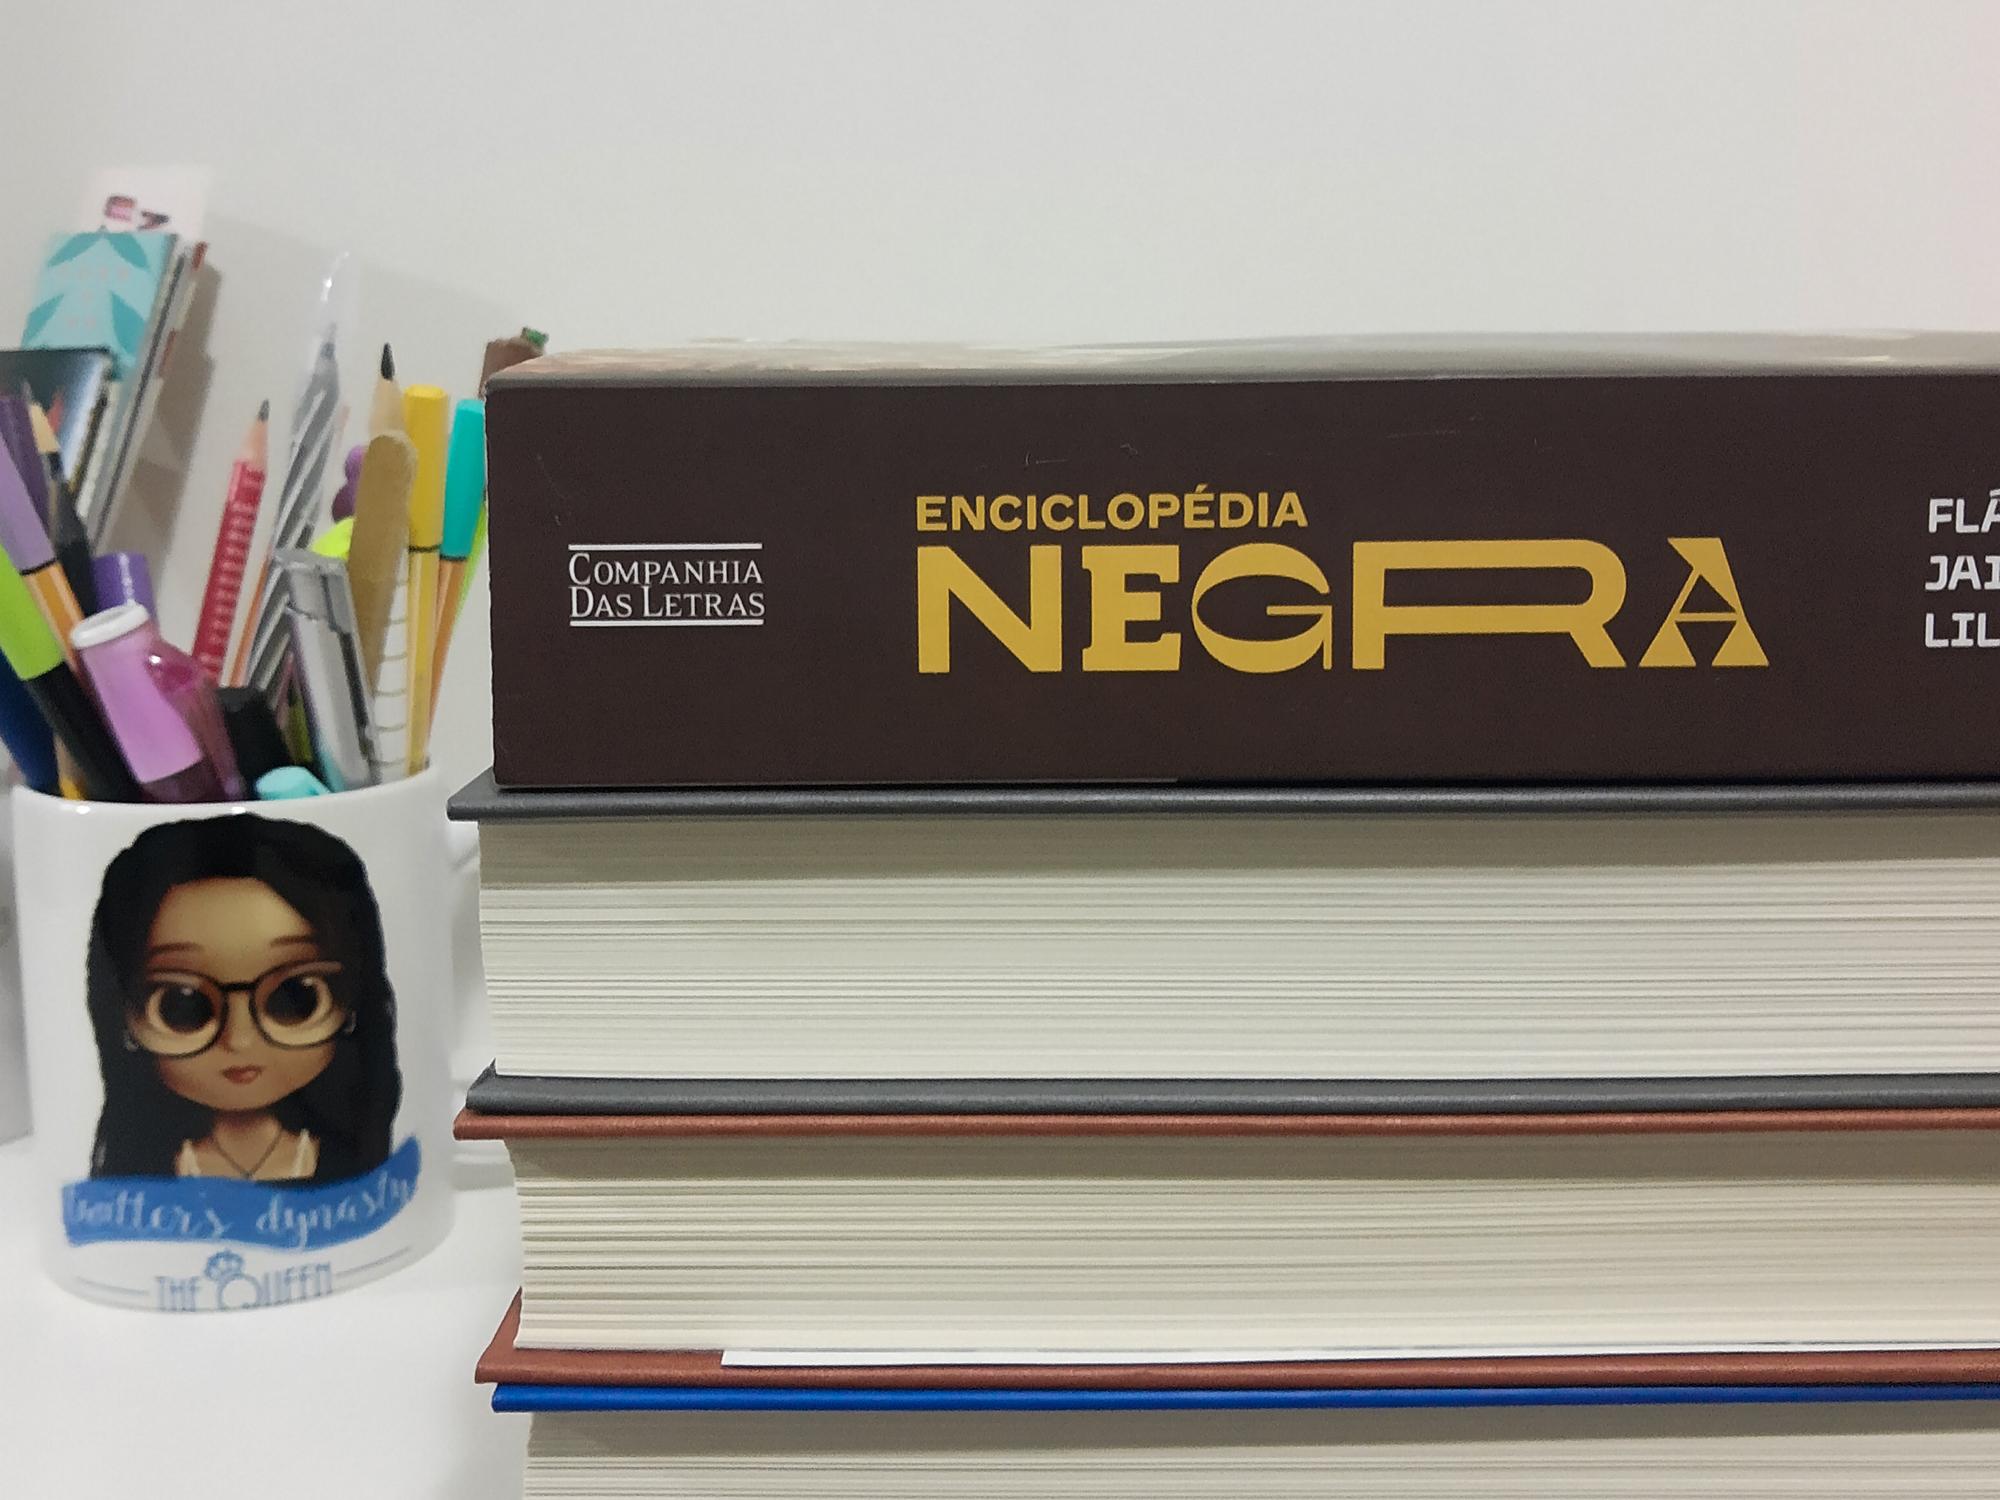 Enciclopédia Negra' ; Flávio dos Santos Gomes, Jaime Lauriano e Lilia Moritz Schwarcz